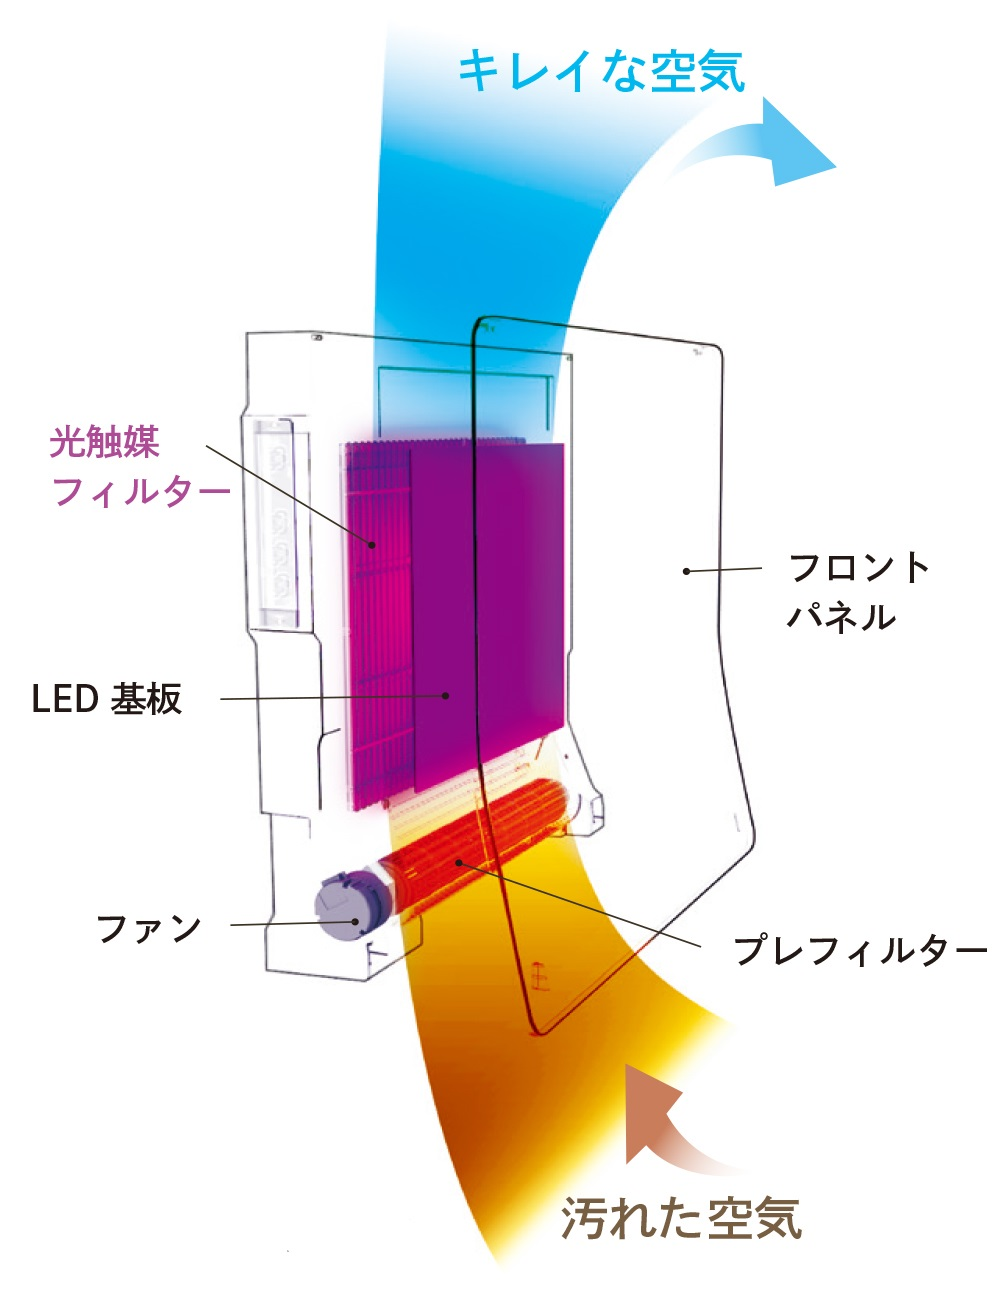 光触媒除菌脱臭機ターンドケイ仕組み